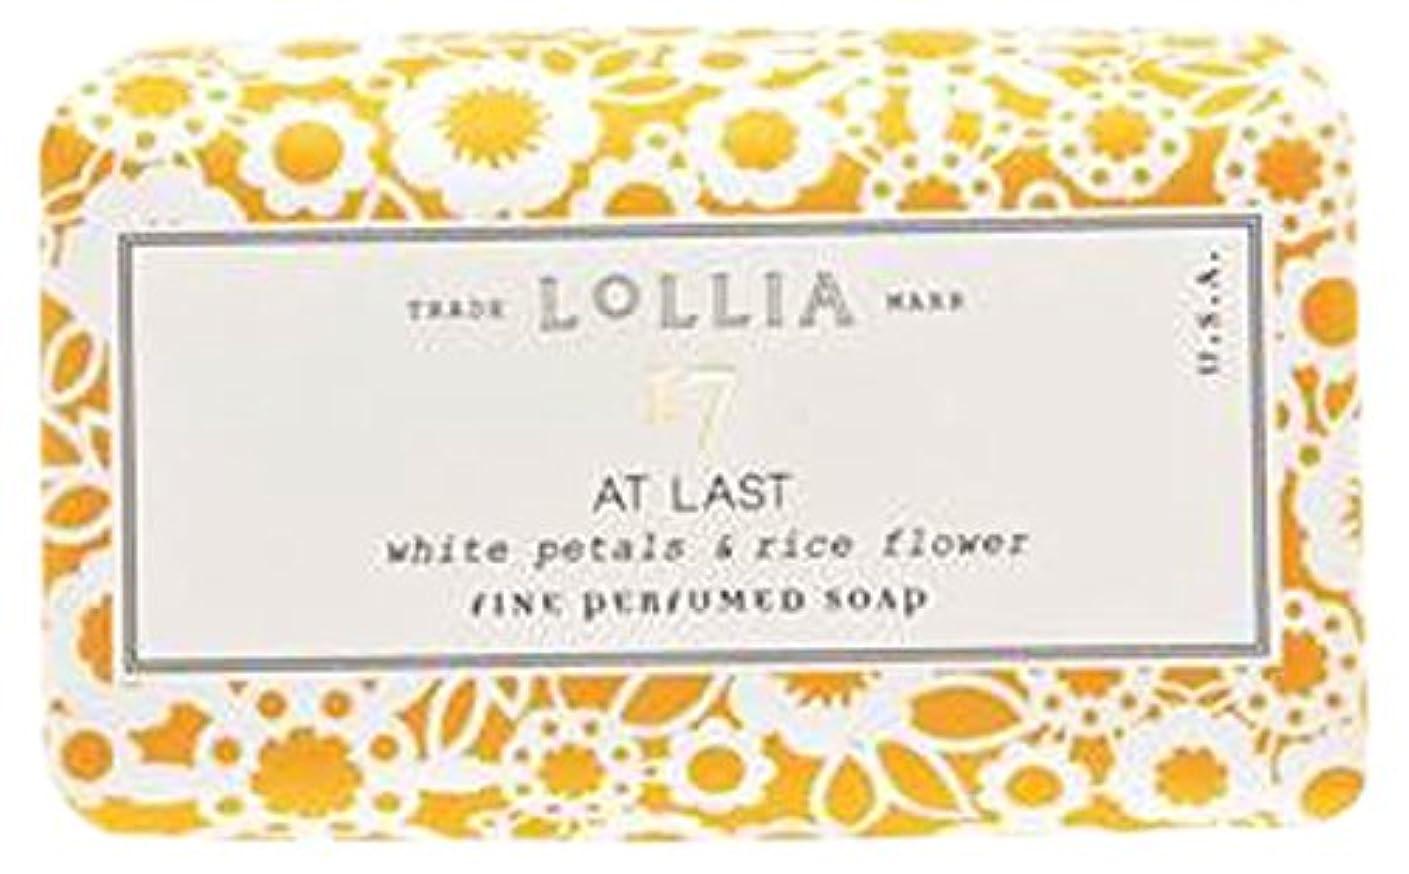 占める駐地タイムリーなロリア(LoLLIA) フレグランスソープ140g AtLast(化粧石けん 全身用洗浄料 ライスフラワー、マグノリアとミモザの柔らかな花々の香り)